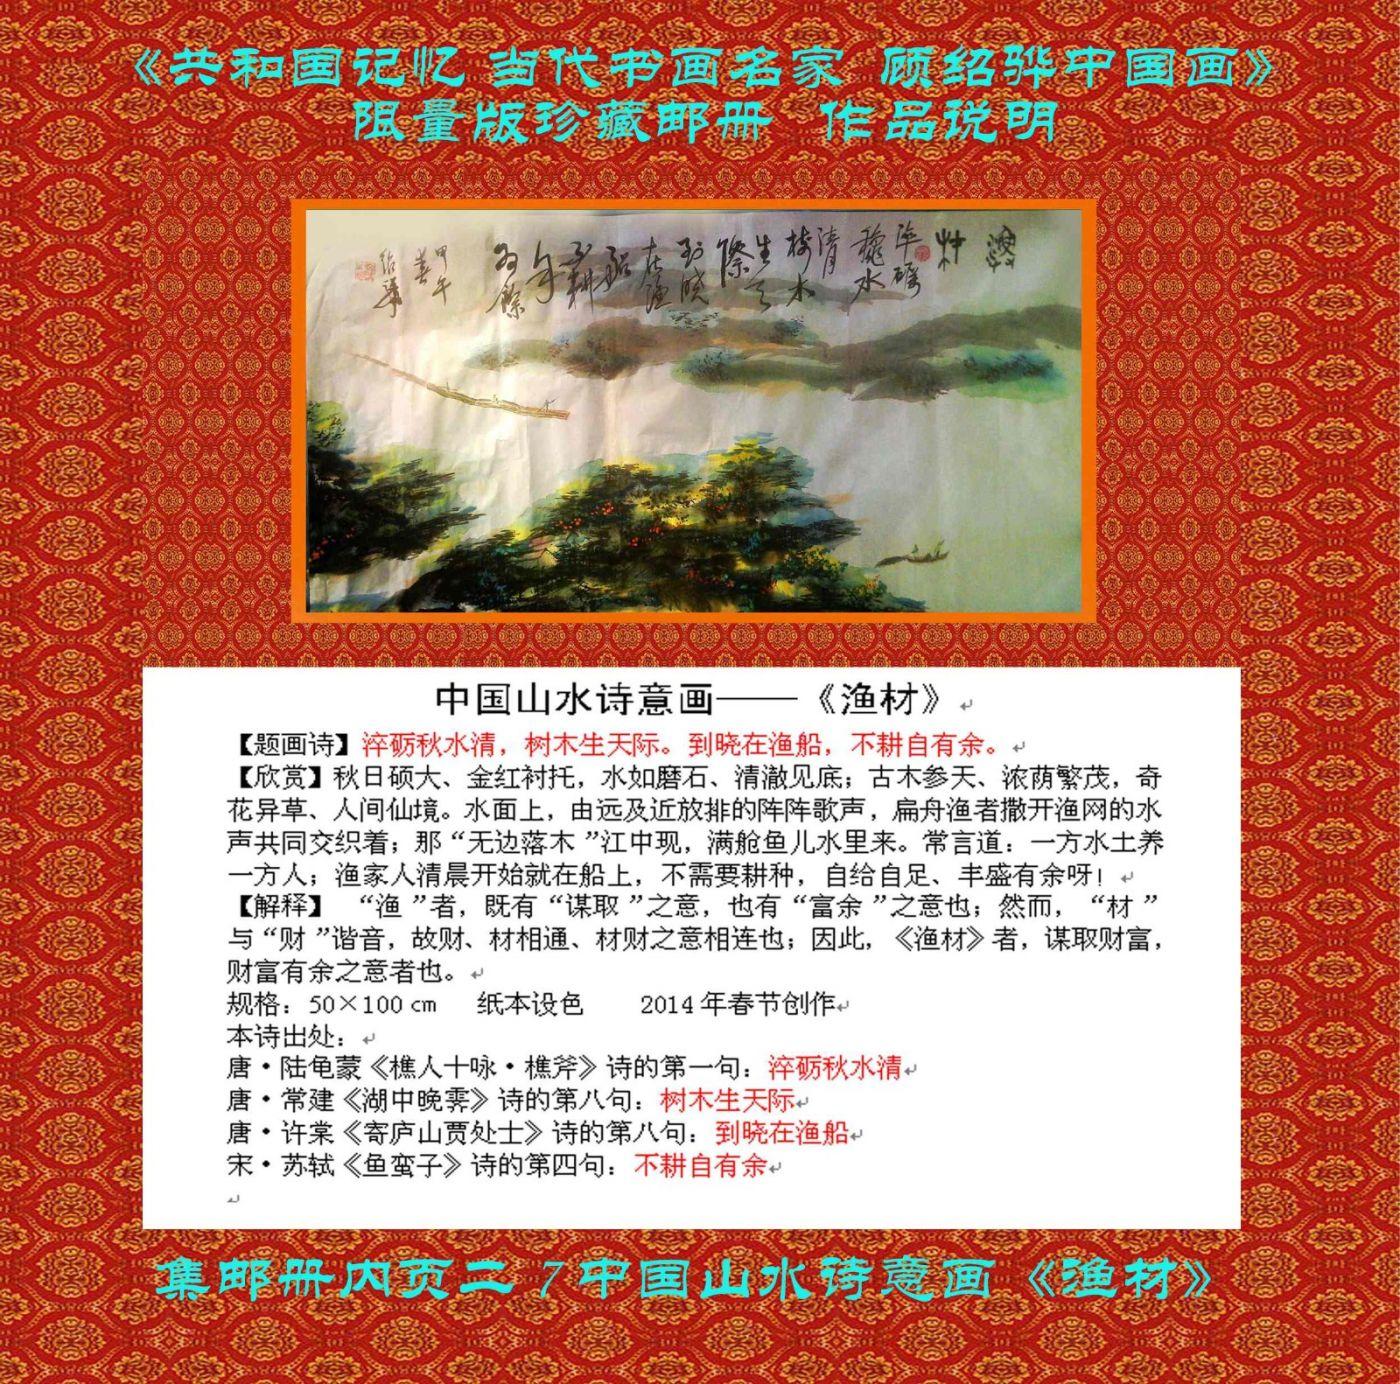 """""""顾绍骅的诗情画意""""入选《共和国记忆 ·中国书画艺术名家》限量版集邮珍藏册 ..._图1-10"""